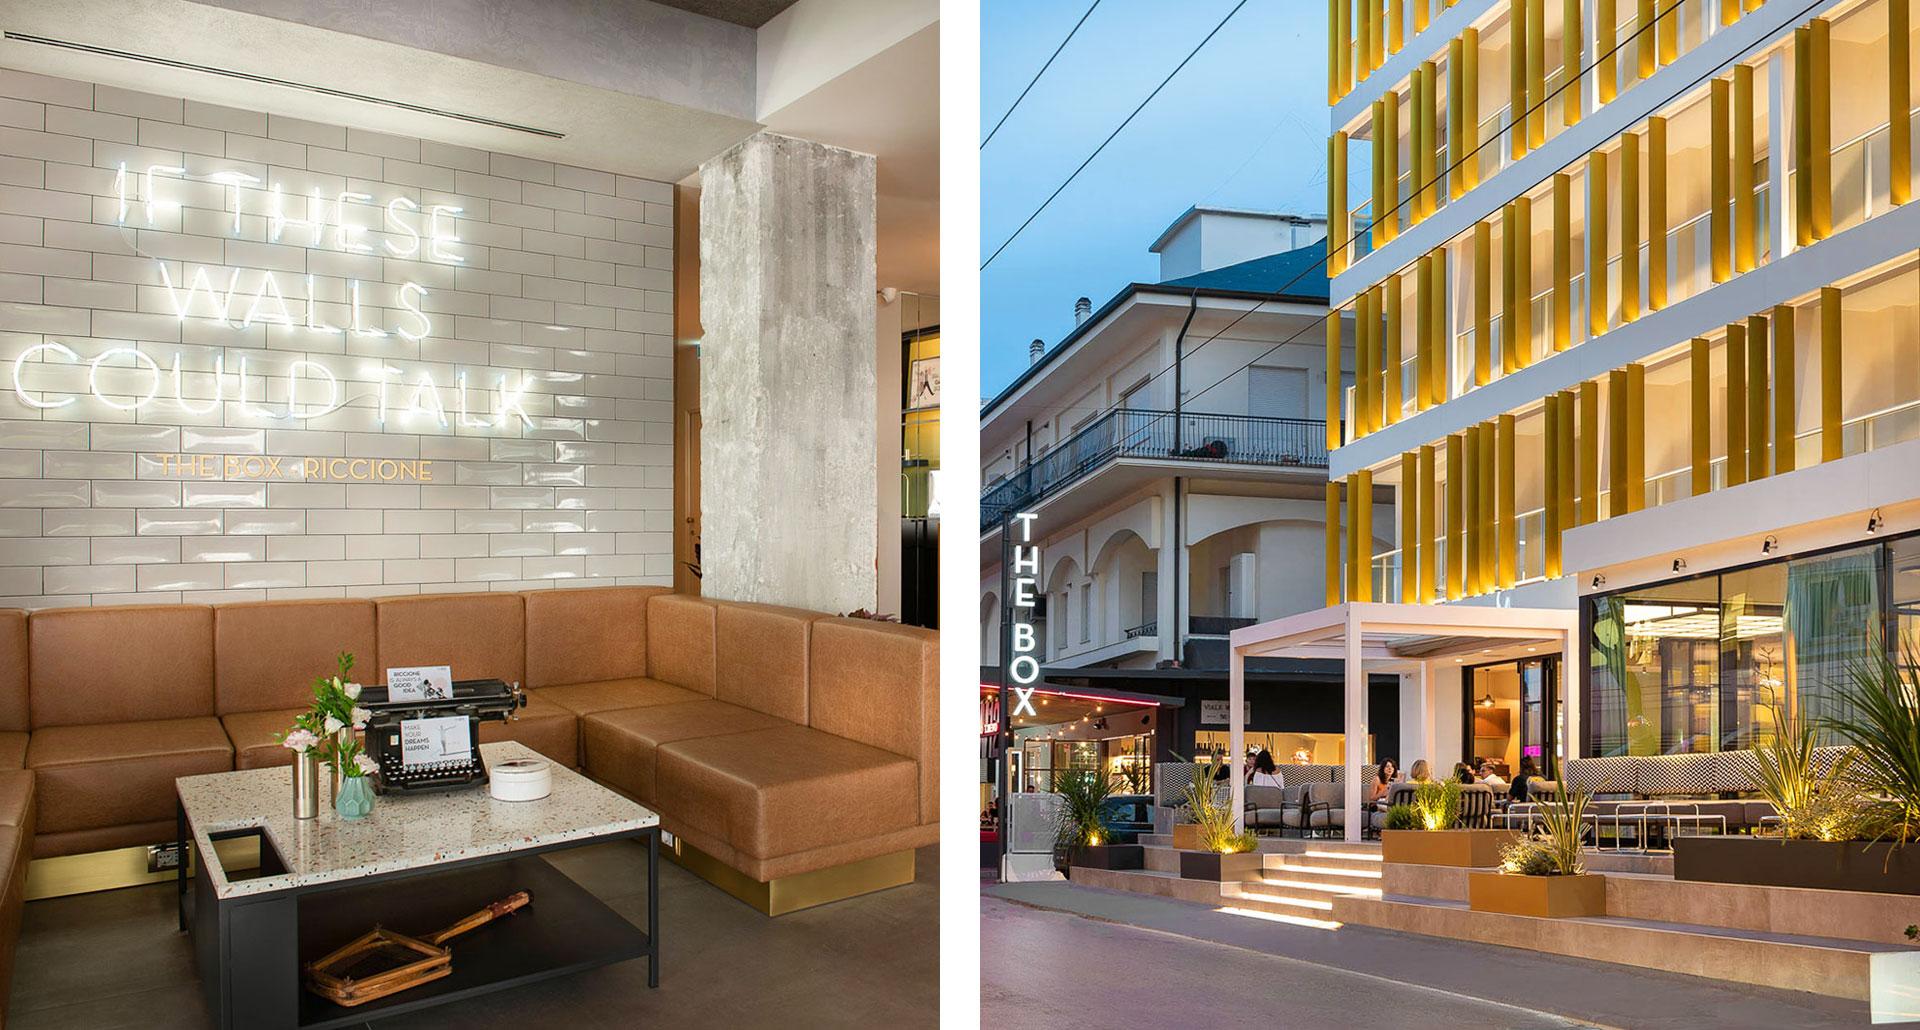 The Box Hotel - boutique hotel in Rimini